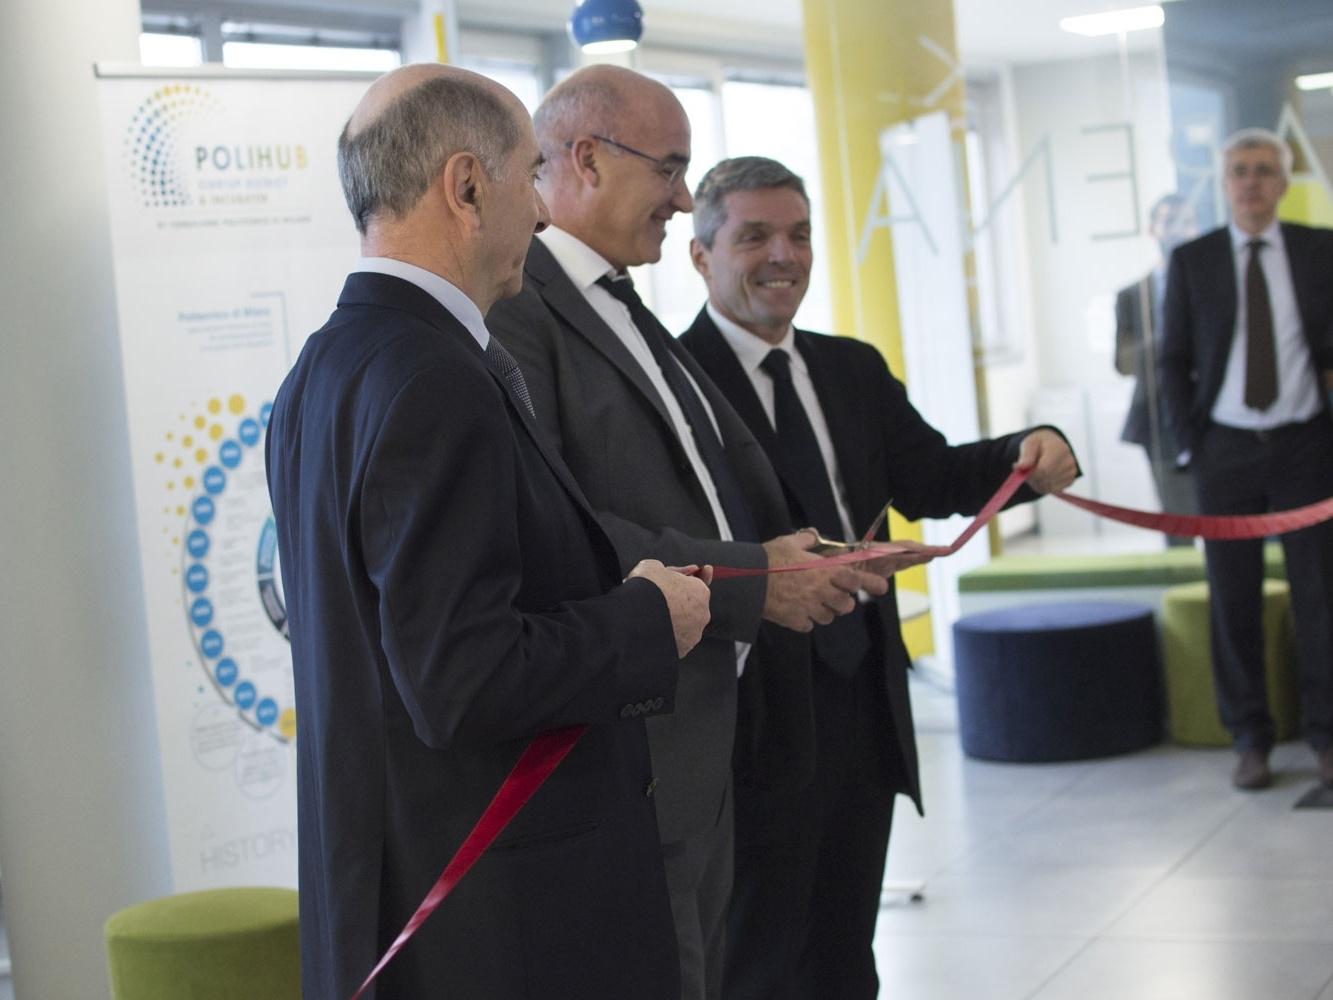 Il taglio del nastro per l'inaugurazione dei nuovi spazi di PoliHub